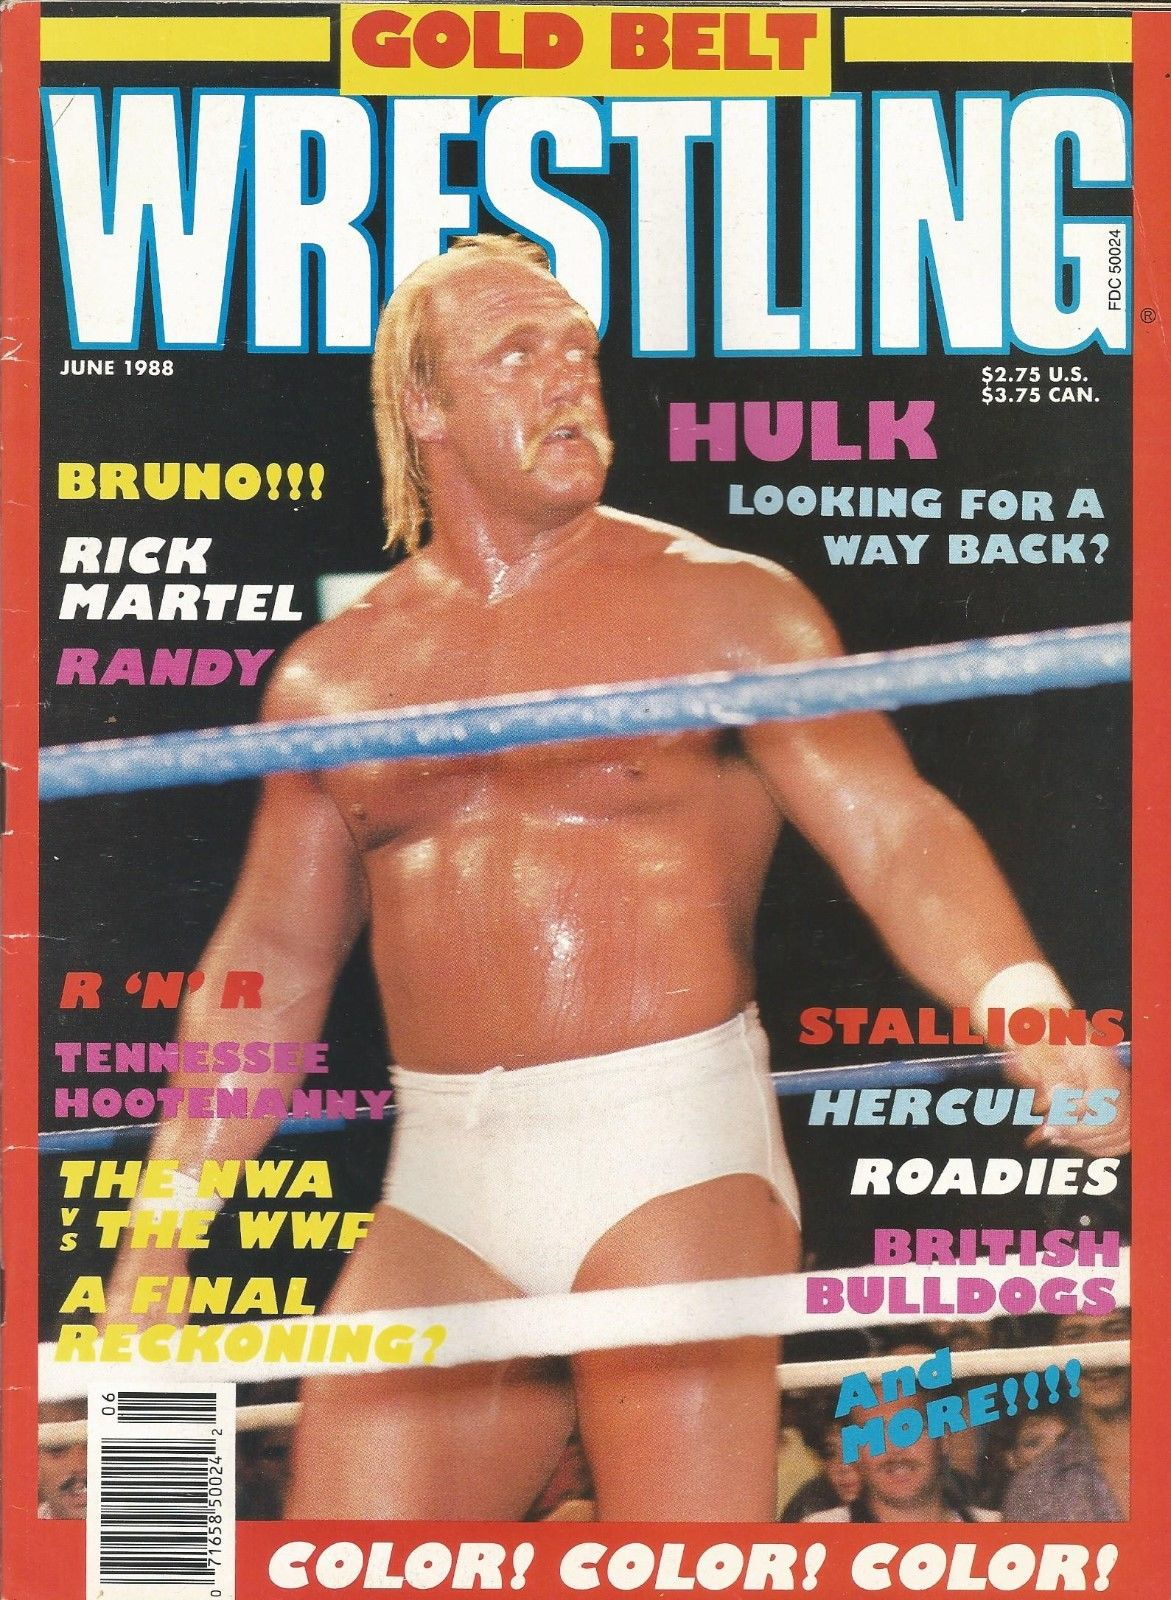 Gold Belt Wrestling - June 1988